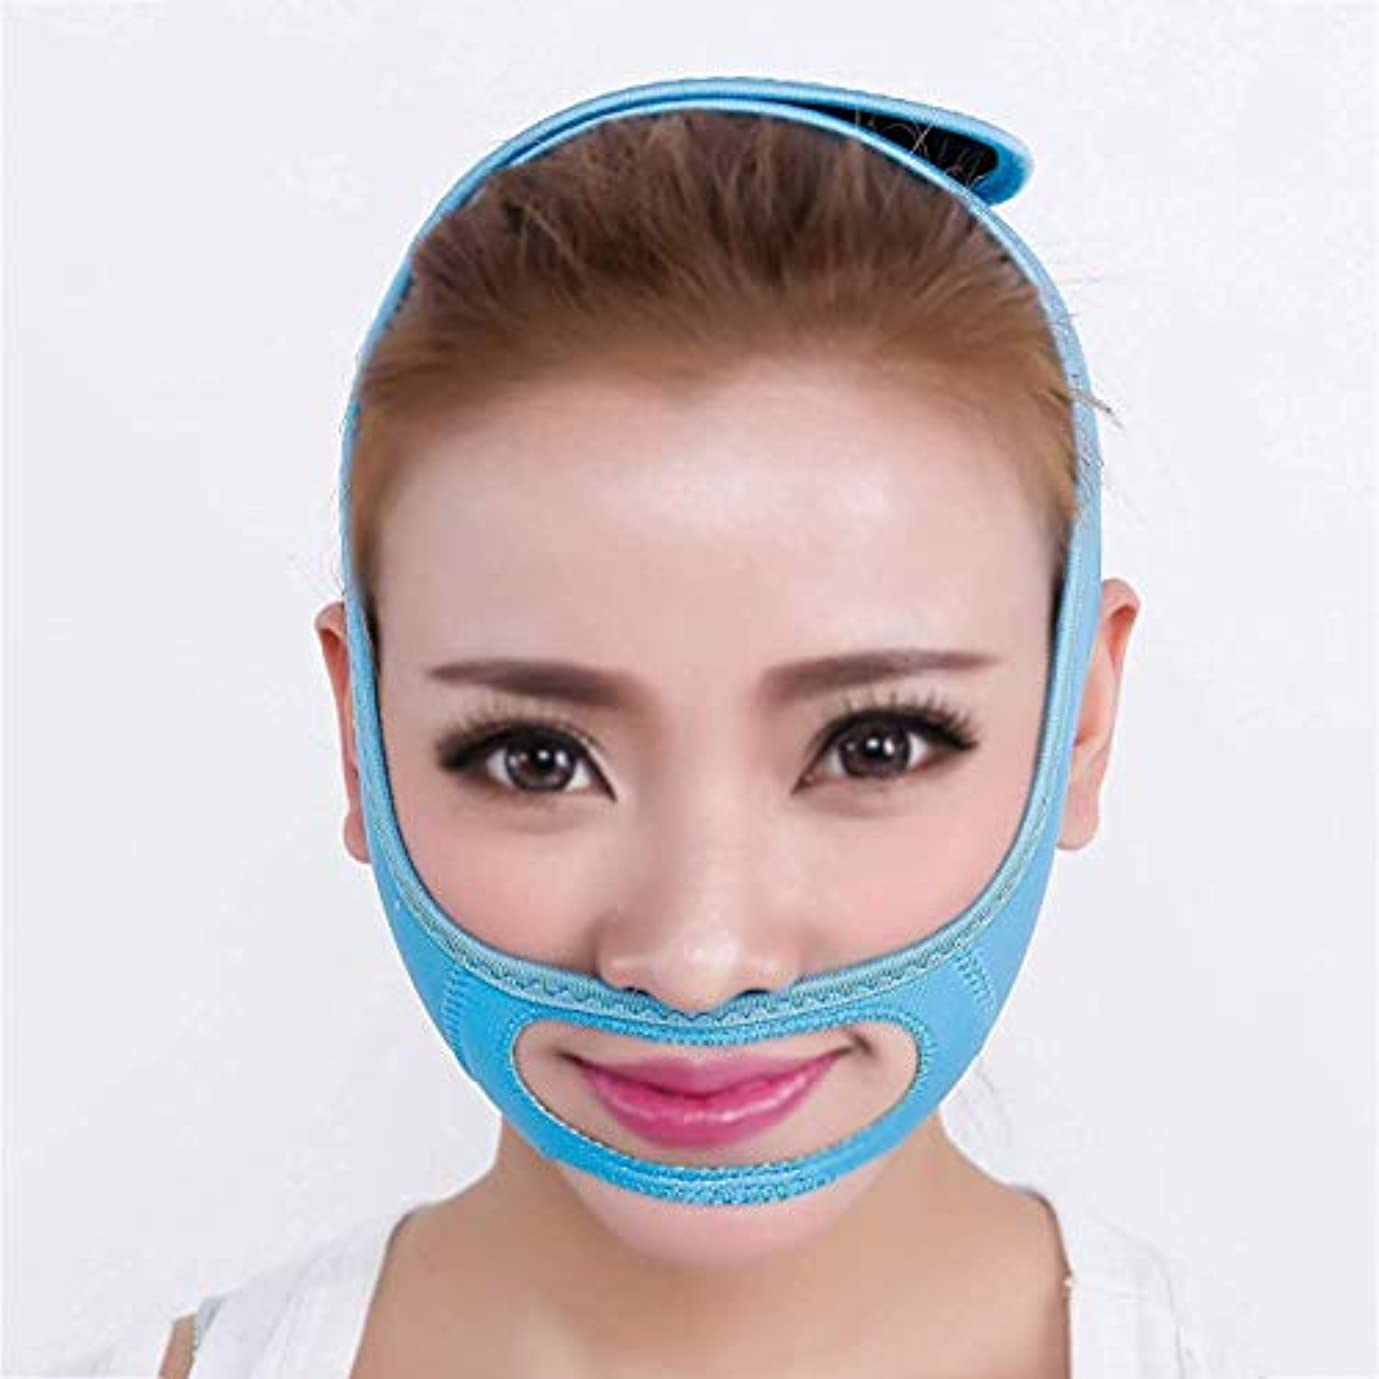 頻繁に耐久ドメインWSJTT ケアフュージョン停止いびきチンストラップ小顔ツールVフェイス包帯フェイシャルリフティングフェイシャルマッサージ美容通気性マスクVフェイスマスクブルースリープ薄い顔